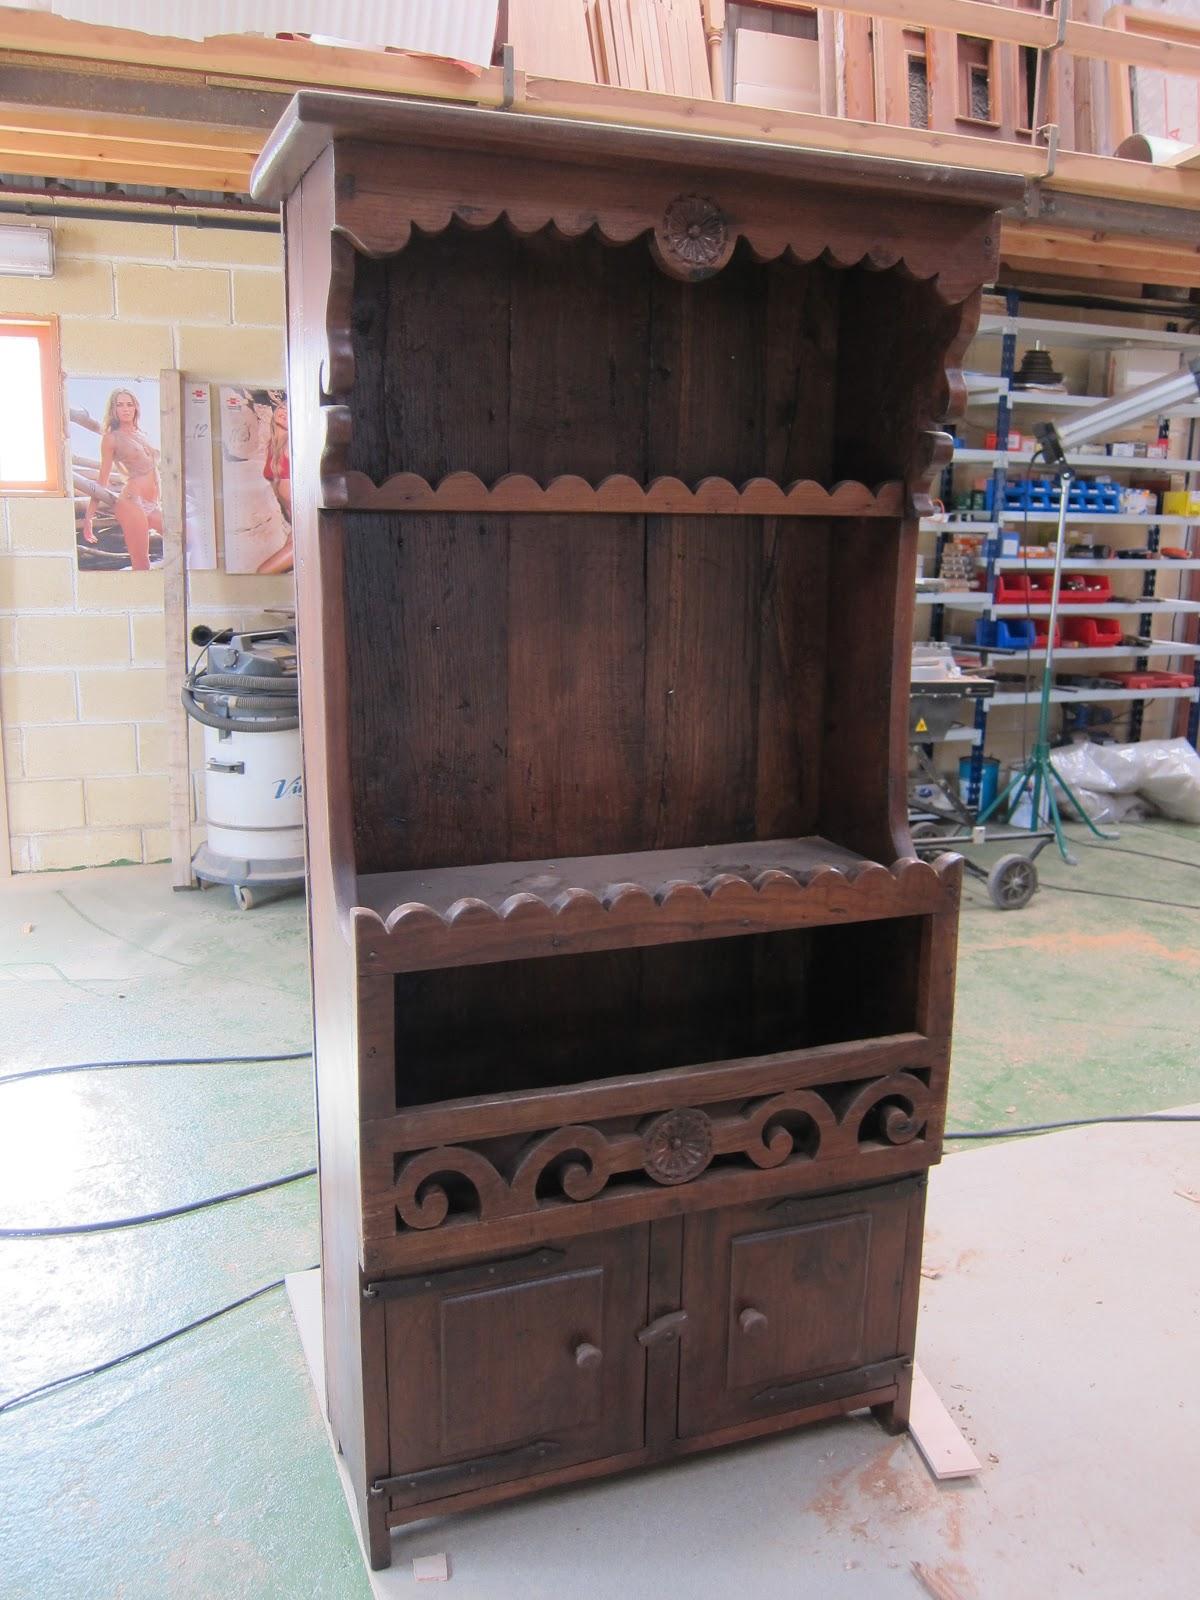 Carpinter a y toneler a como aprobechar un mueble viejo for Muebles colmenar viejo